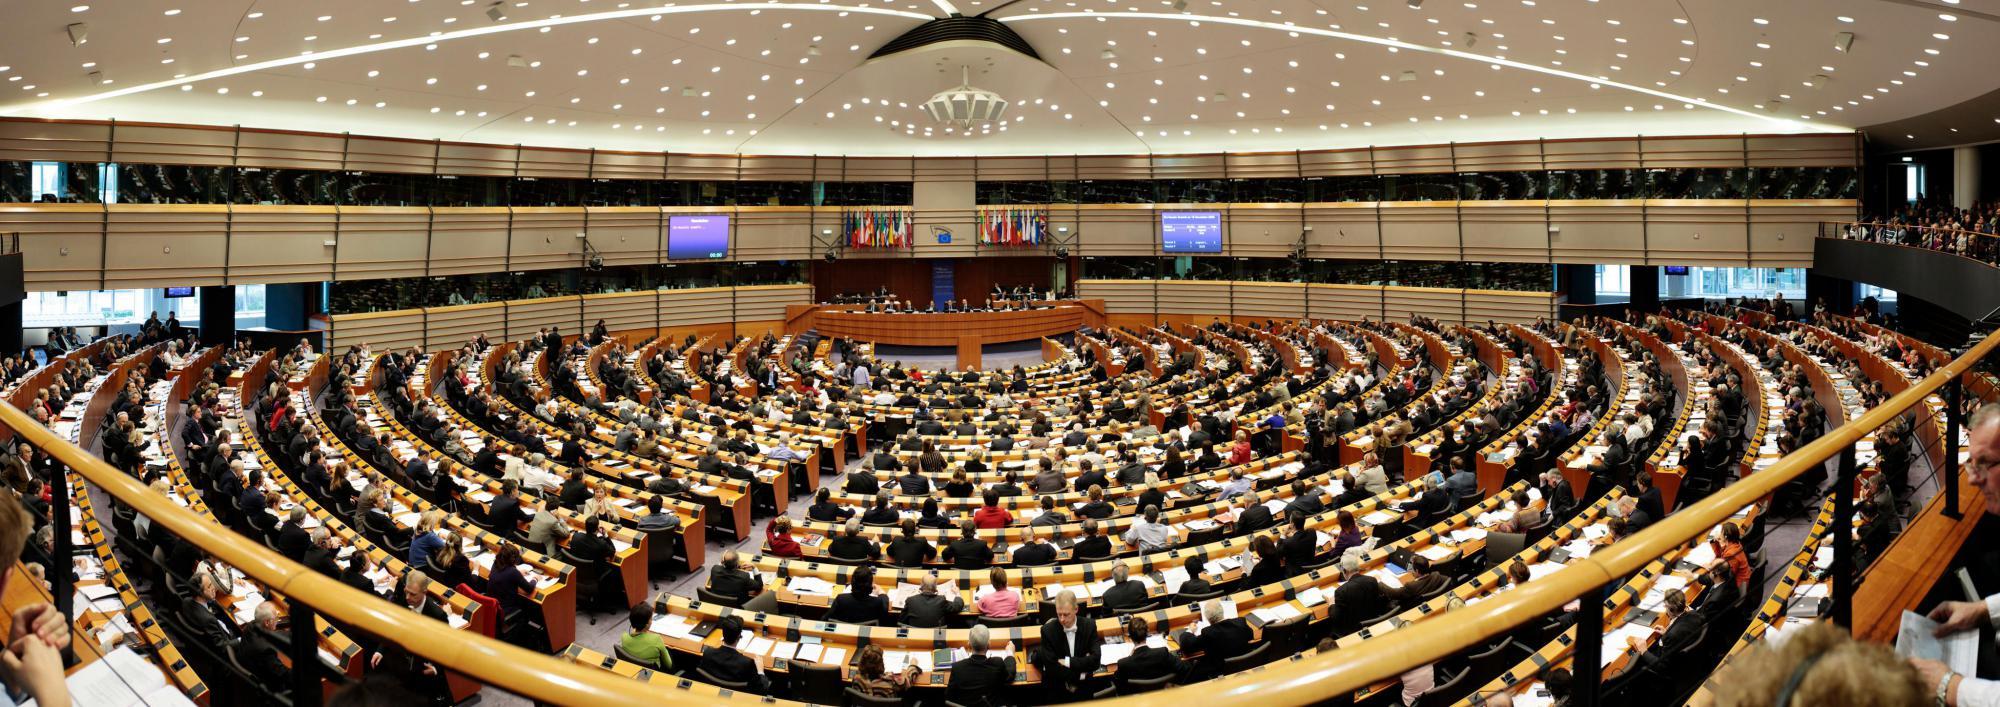 Het Europese Parlement © Persdienst EP